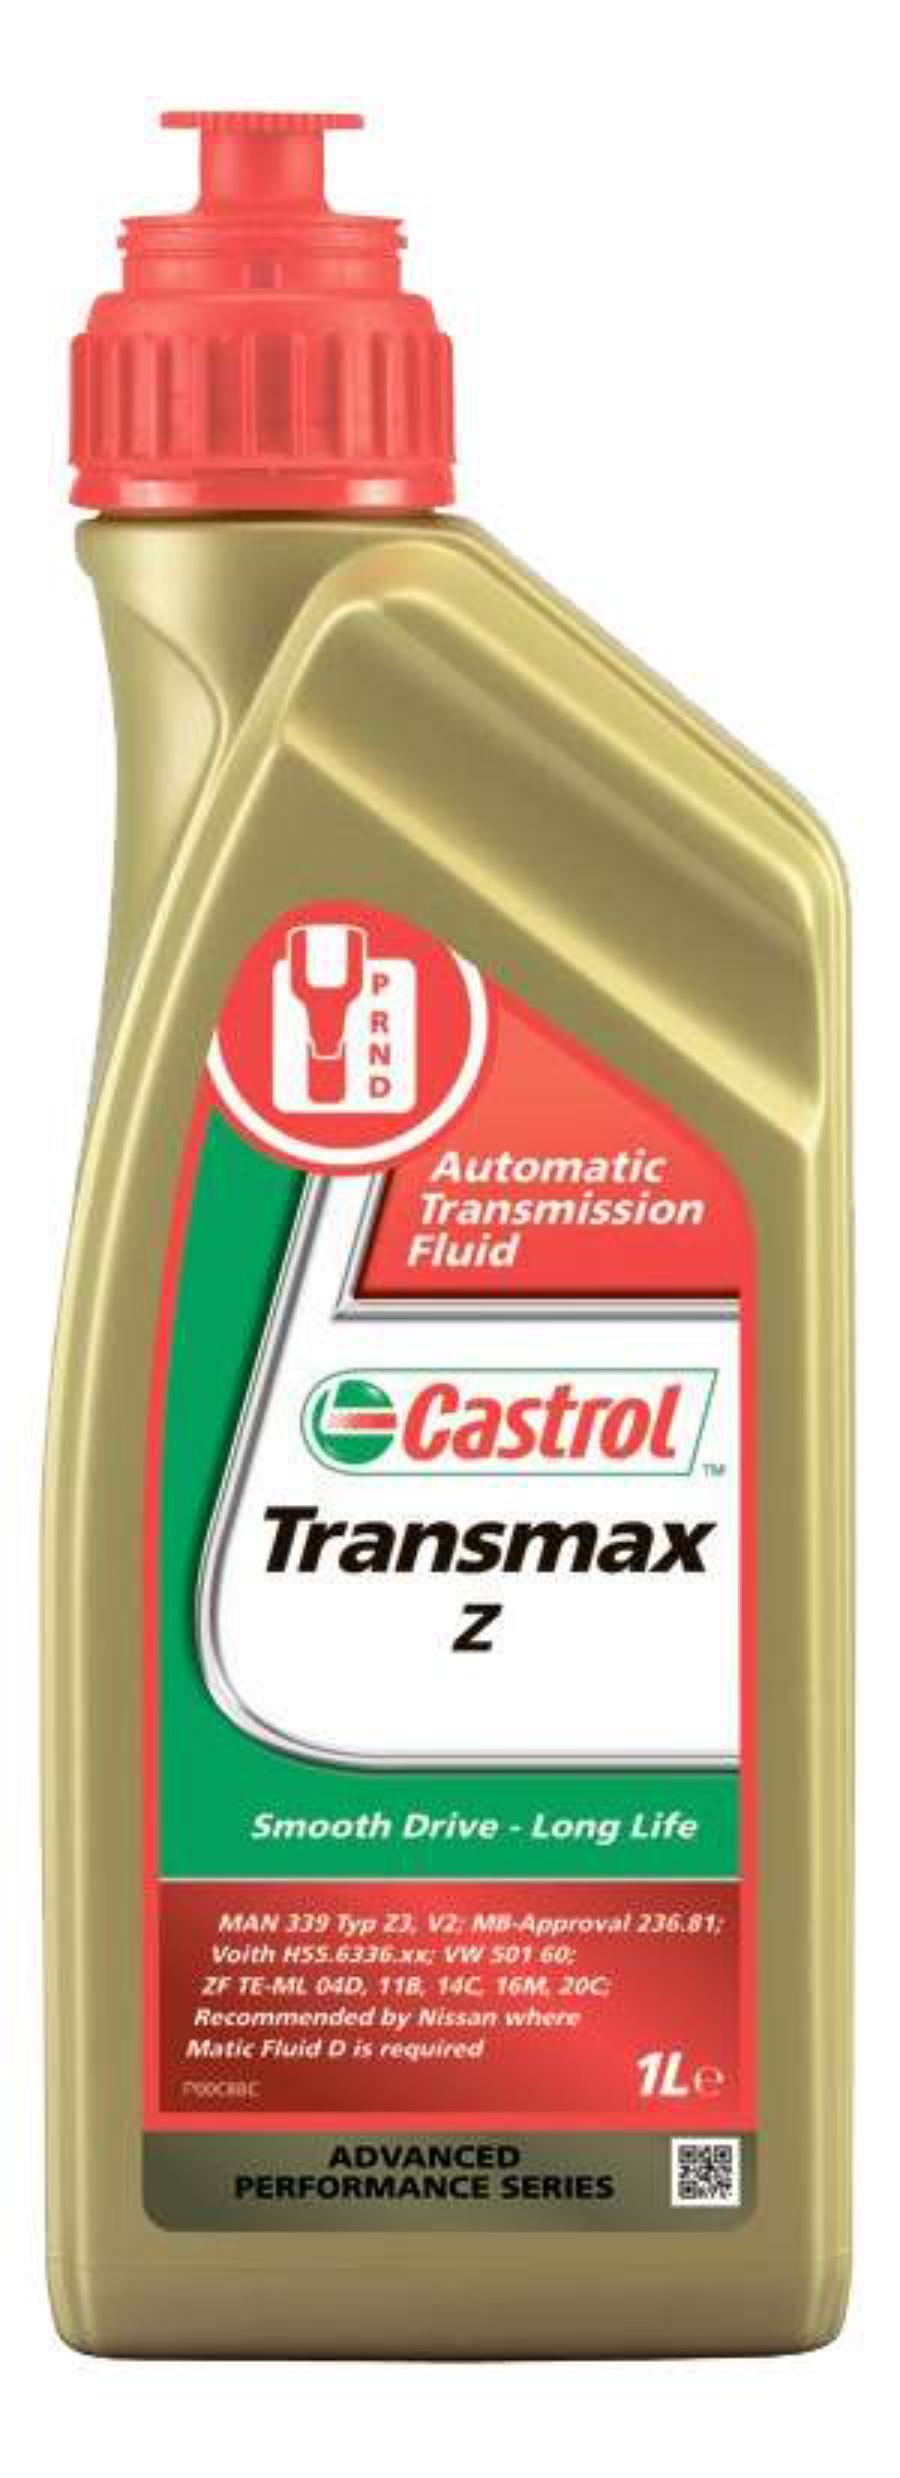 Масло трансмиссионное синтетическое Transmax Z, 1л